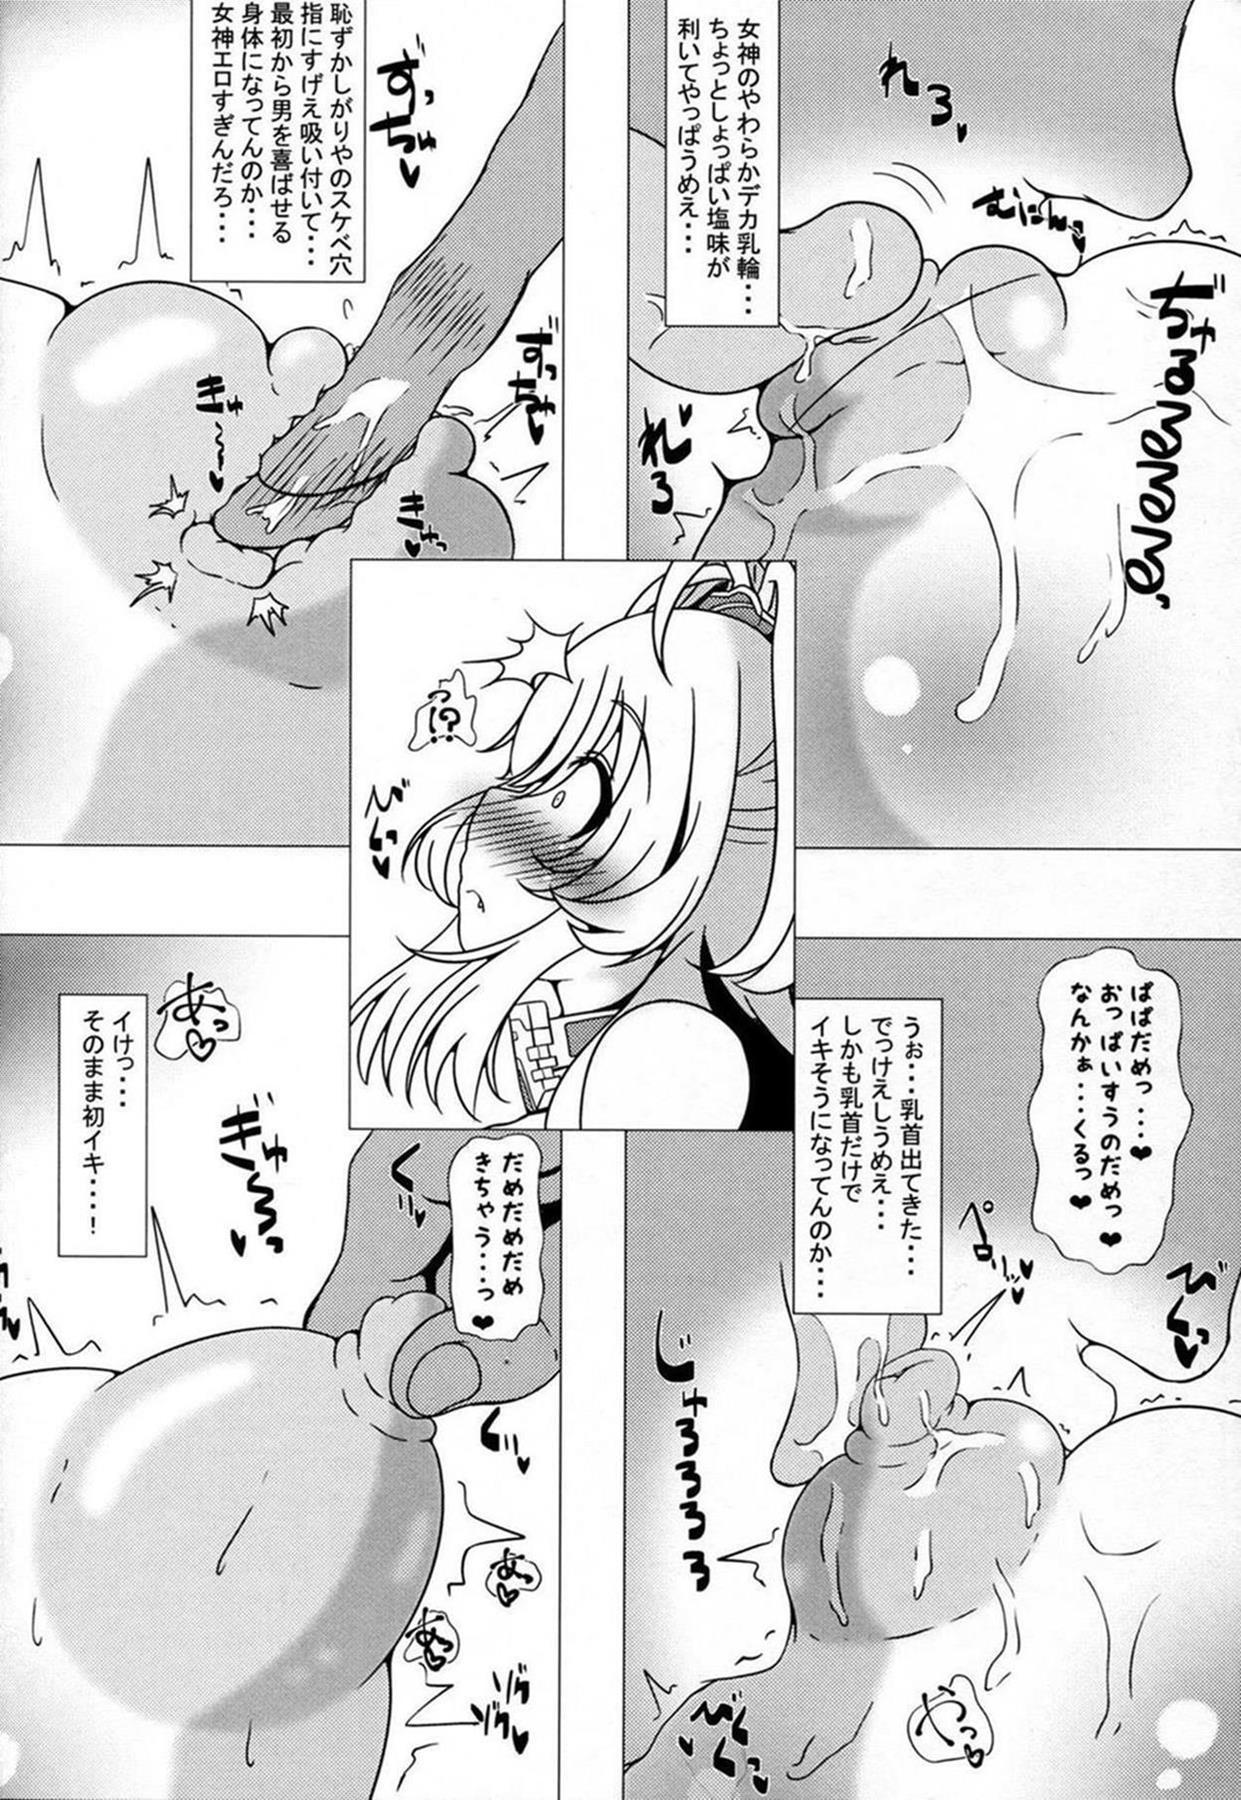 【超次元ゲイム ネプテューヌ エロ漫画・エロ同人誌】爆乳な女神様のおっぱいやアナルをエロ開発して直腸中出しキメたった☆ (6)